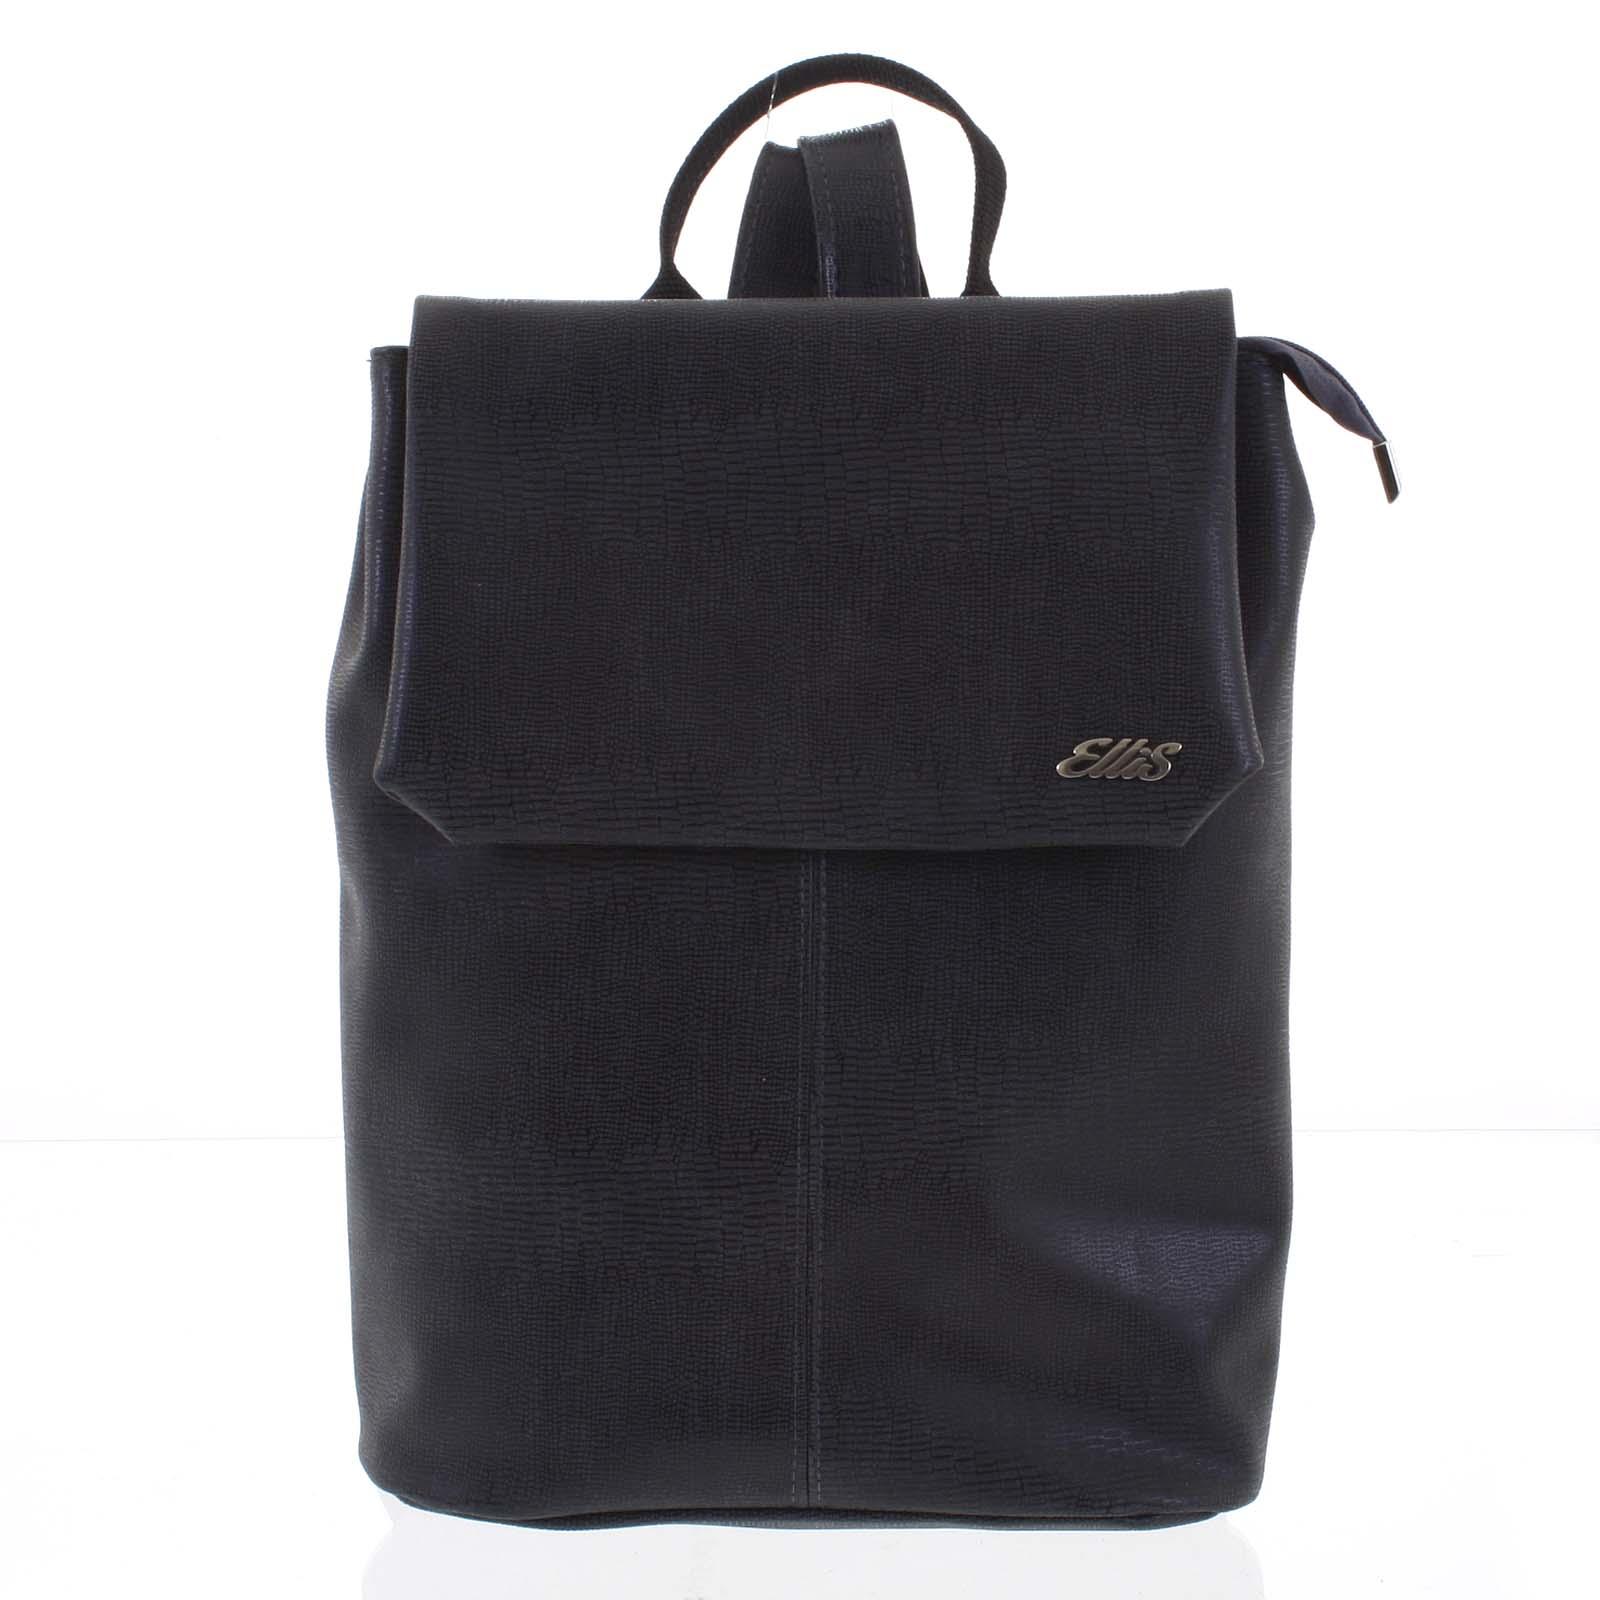 Větší měkký dámský moderní černý batoh - Ellis Elizabeth